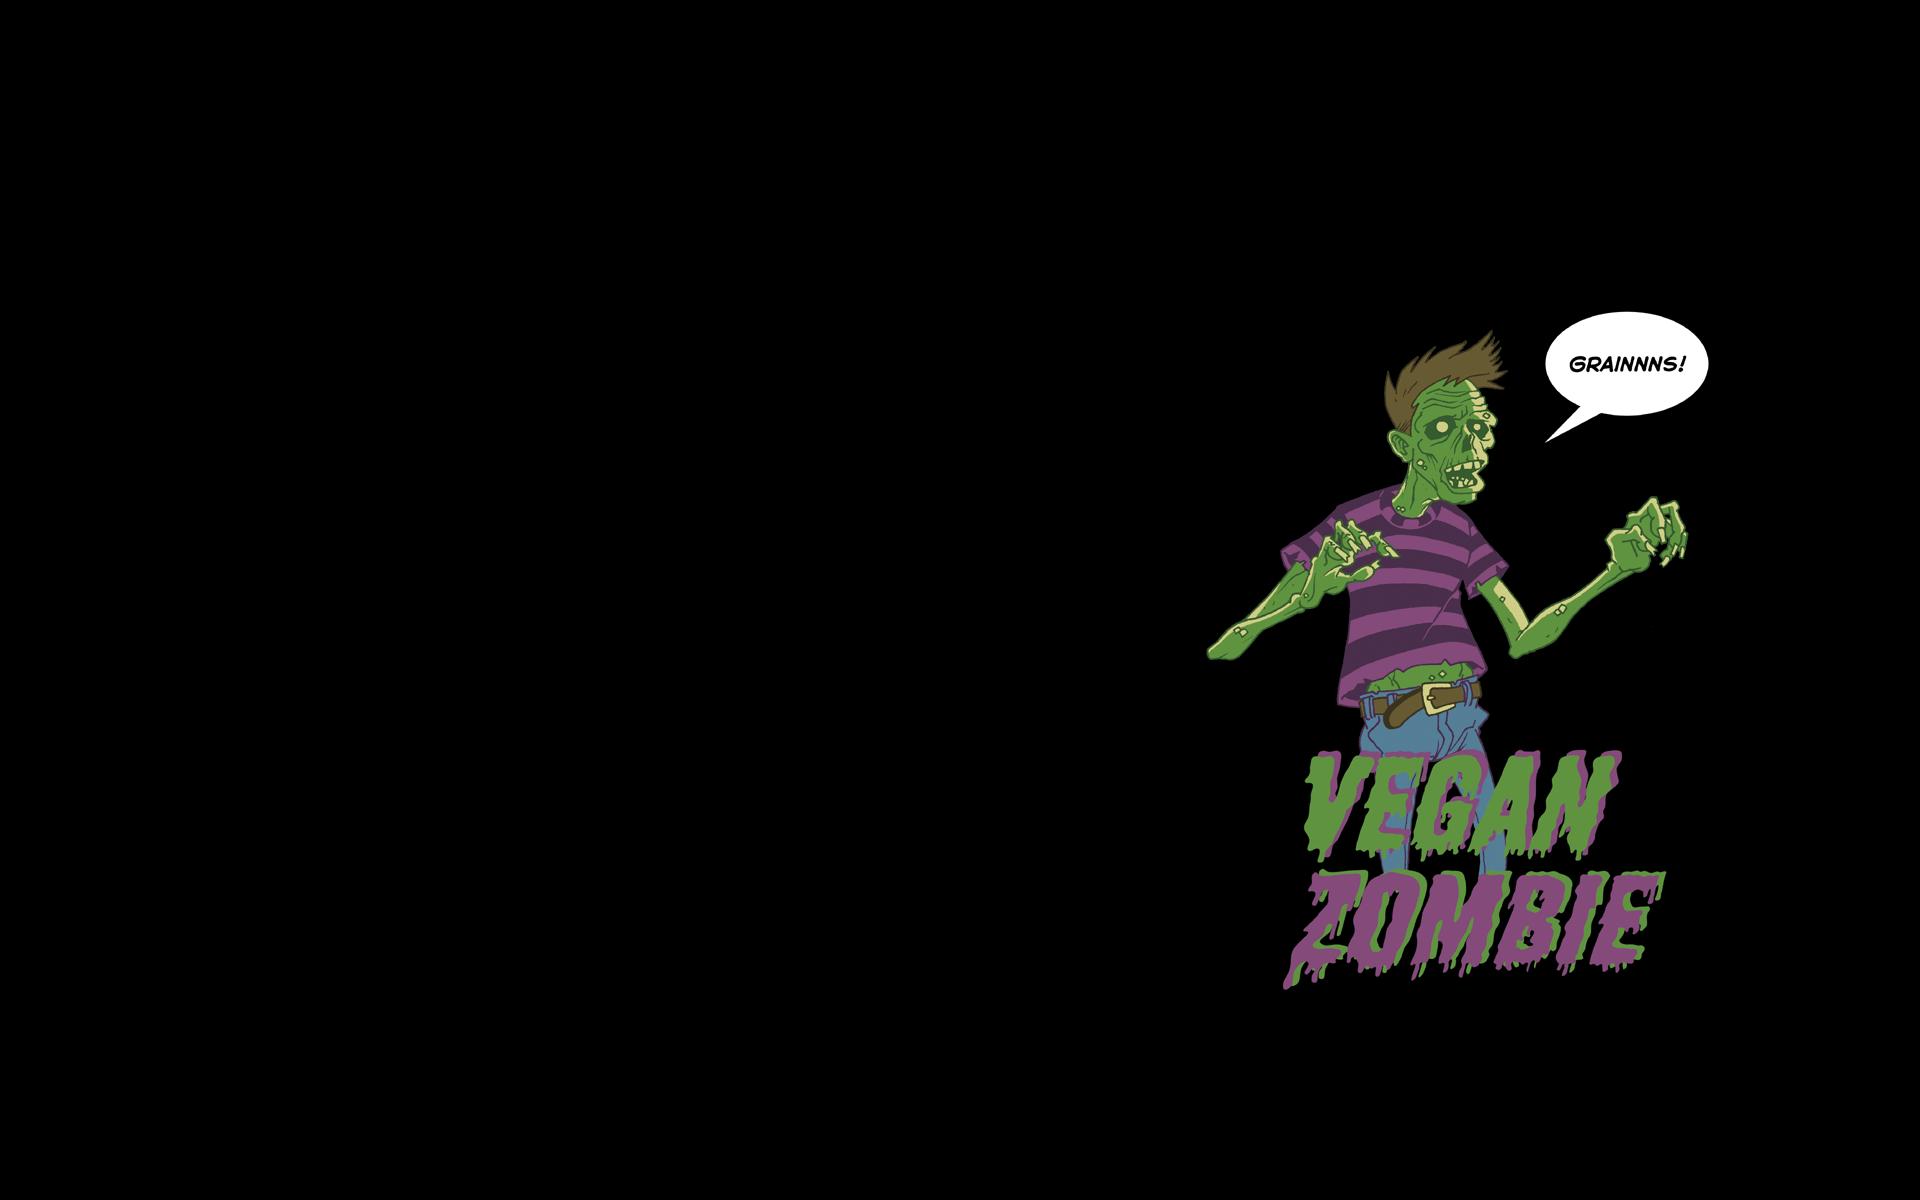 zombie wallpaper desktop dark zombie wallpaper